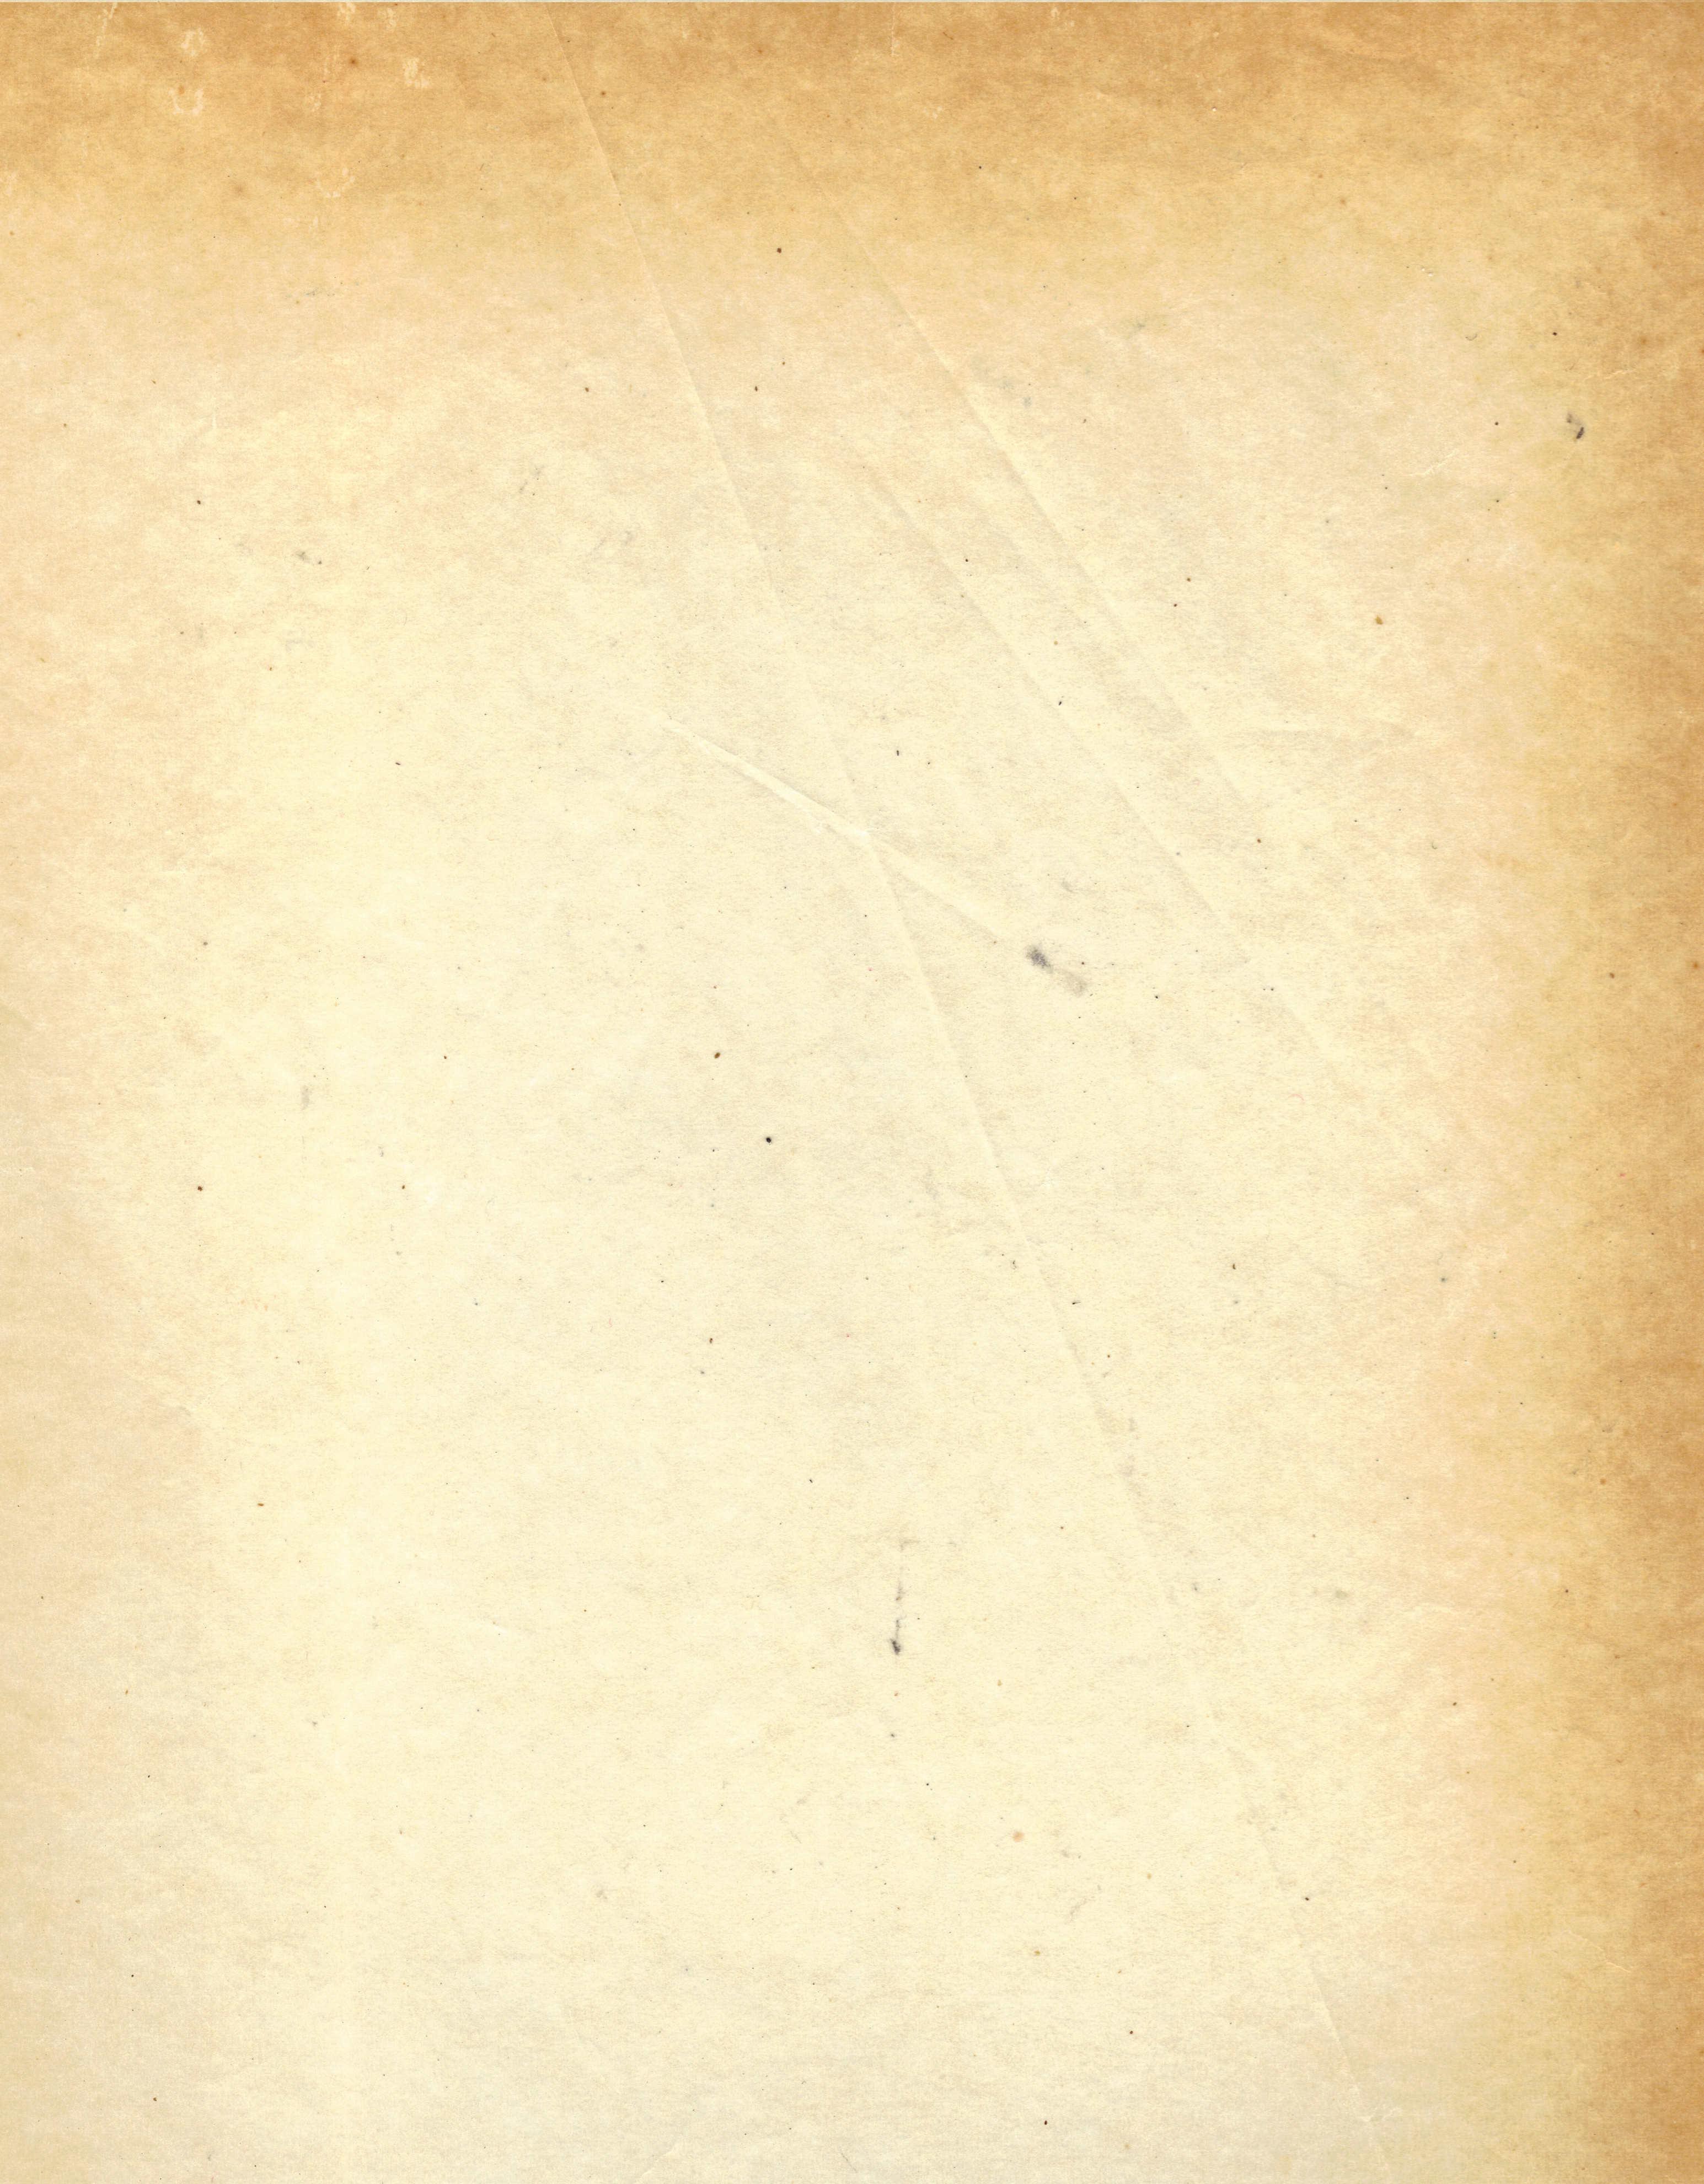 papirhatter